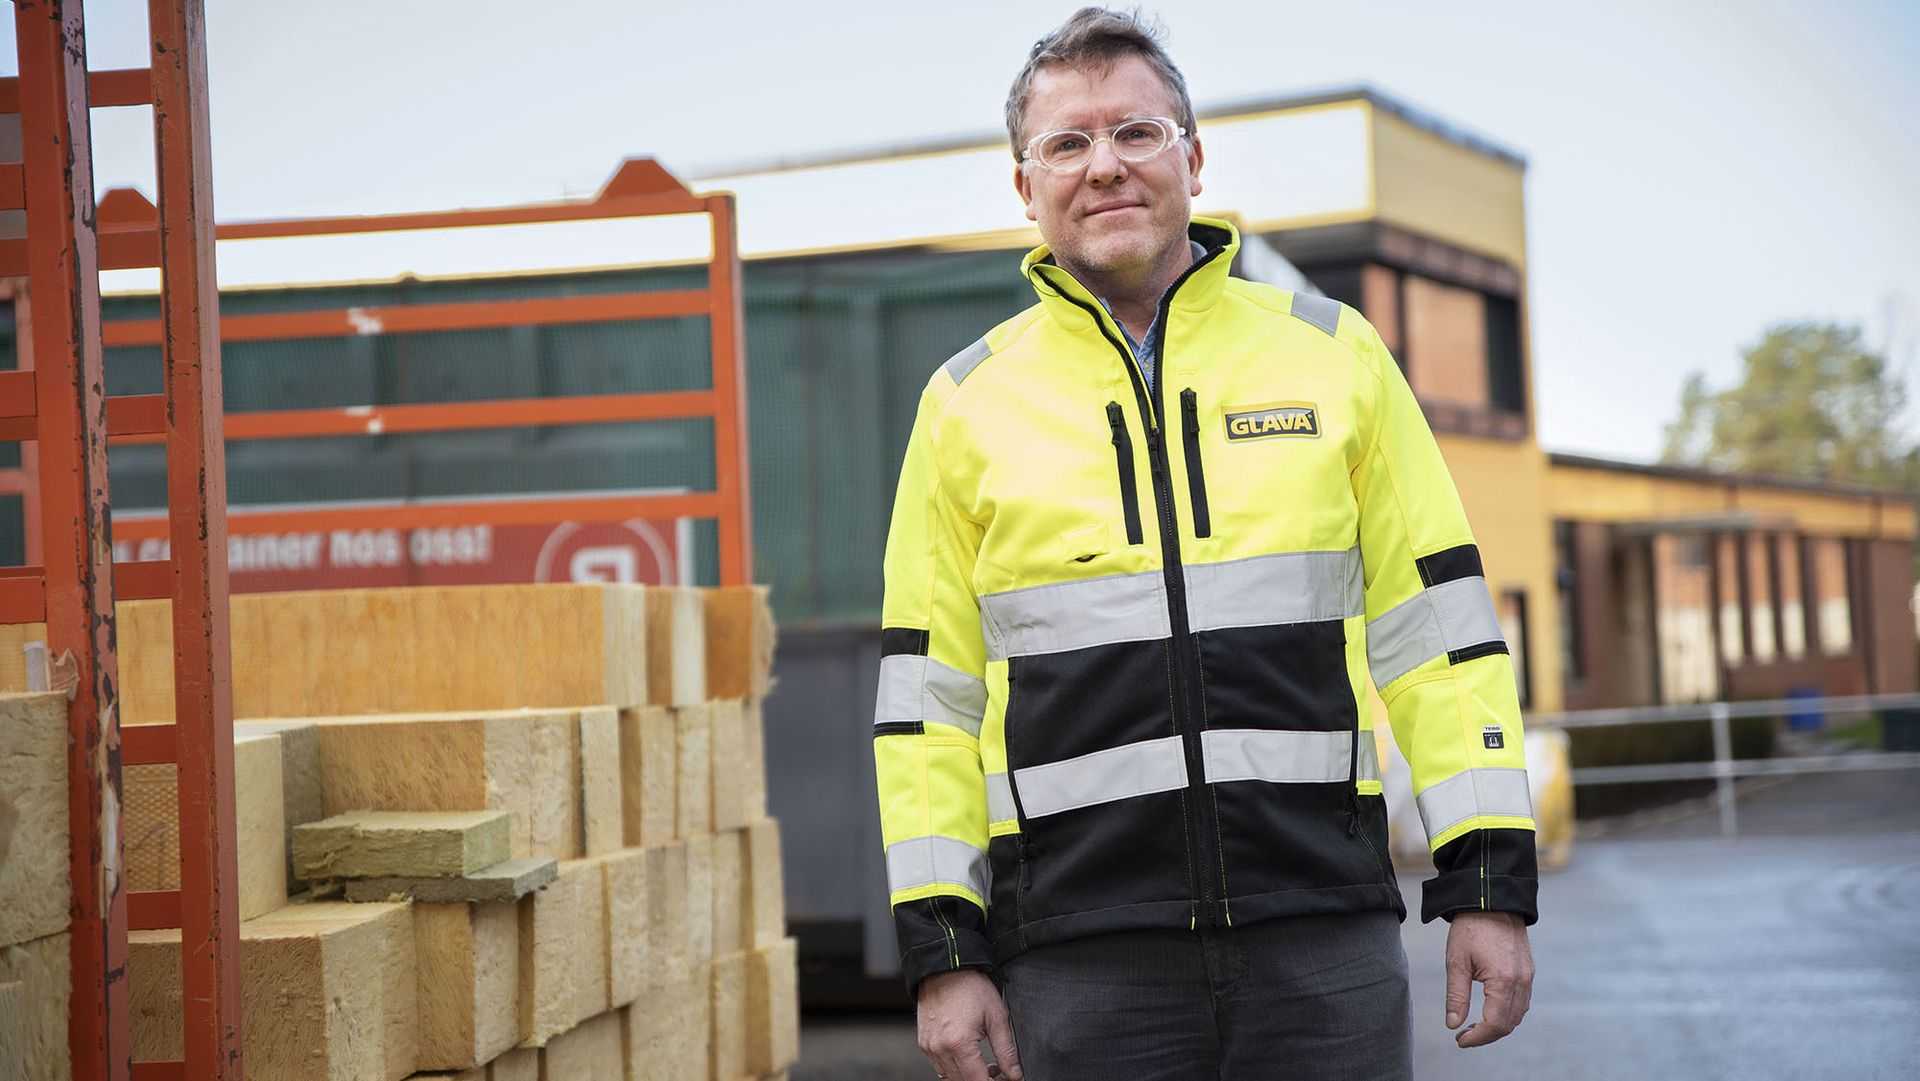 Mads Rikardsen er leder for laboratoriet og utviklingsavdelingen i GLAVA, og har høye ambisjoner for en bærekraftig byggebransje.